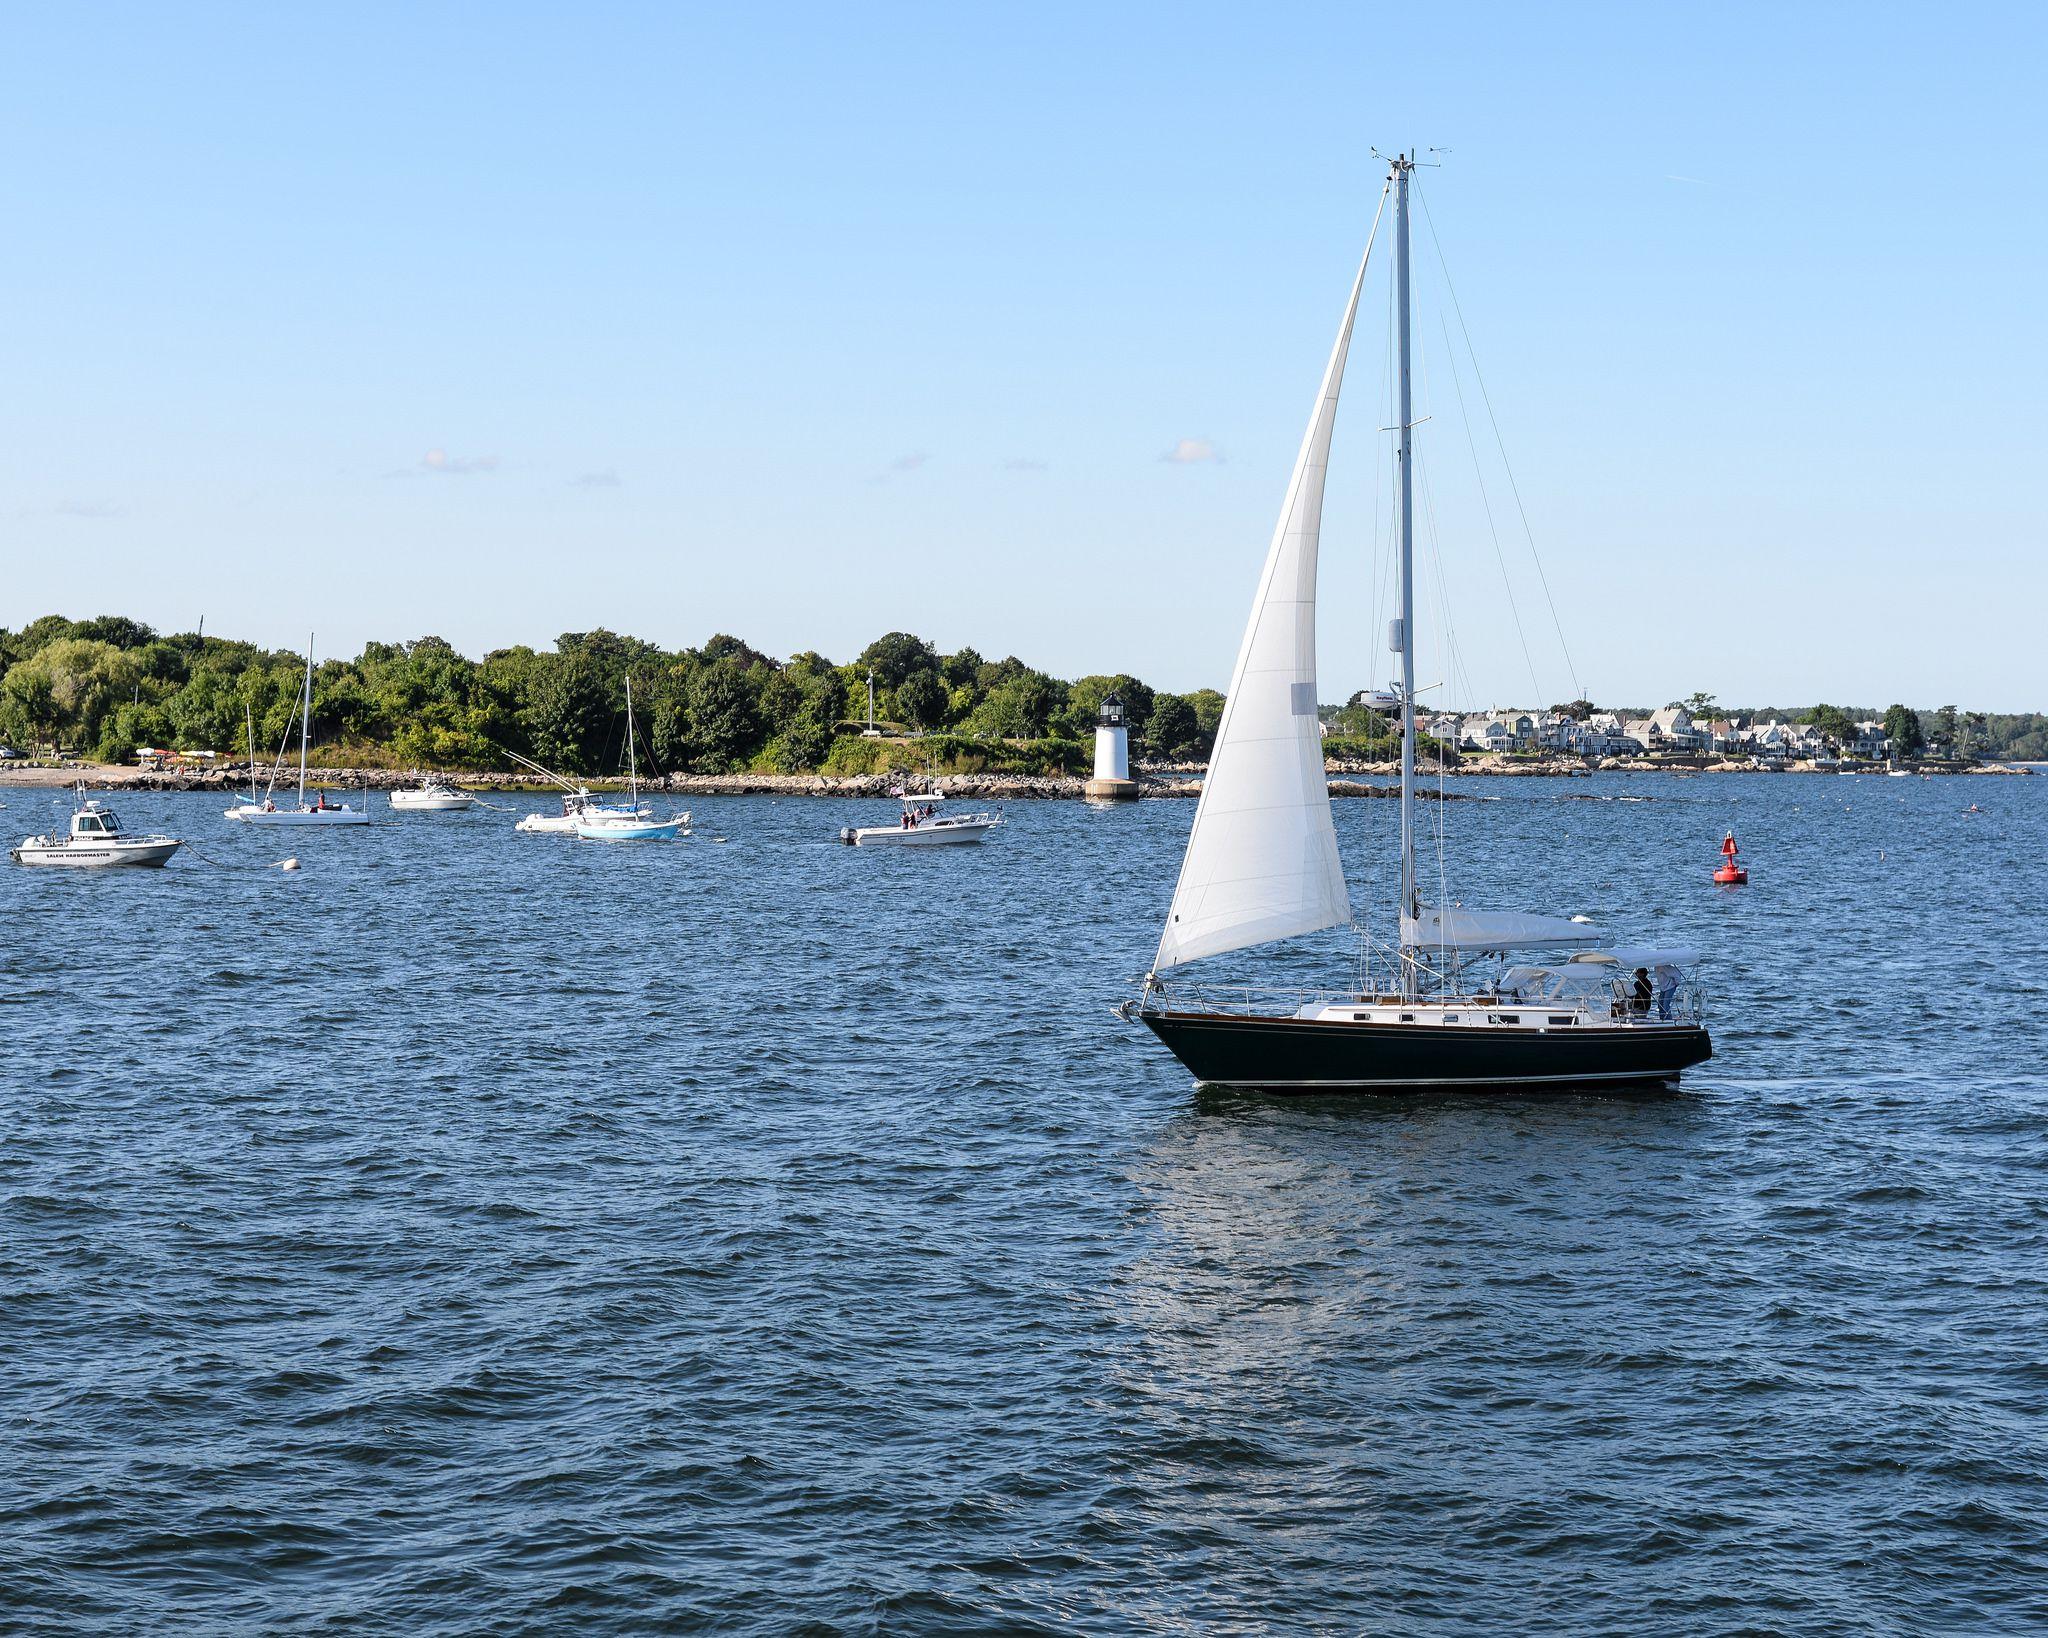 Choosing a Sloop or Ketch Sailboat